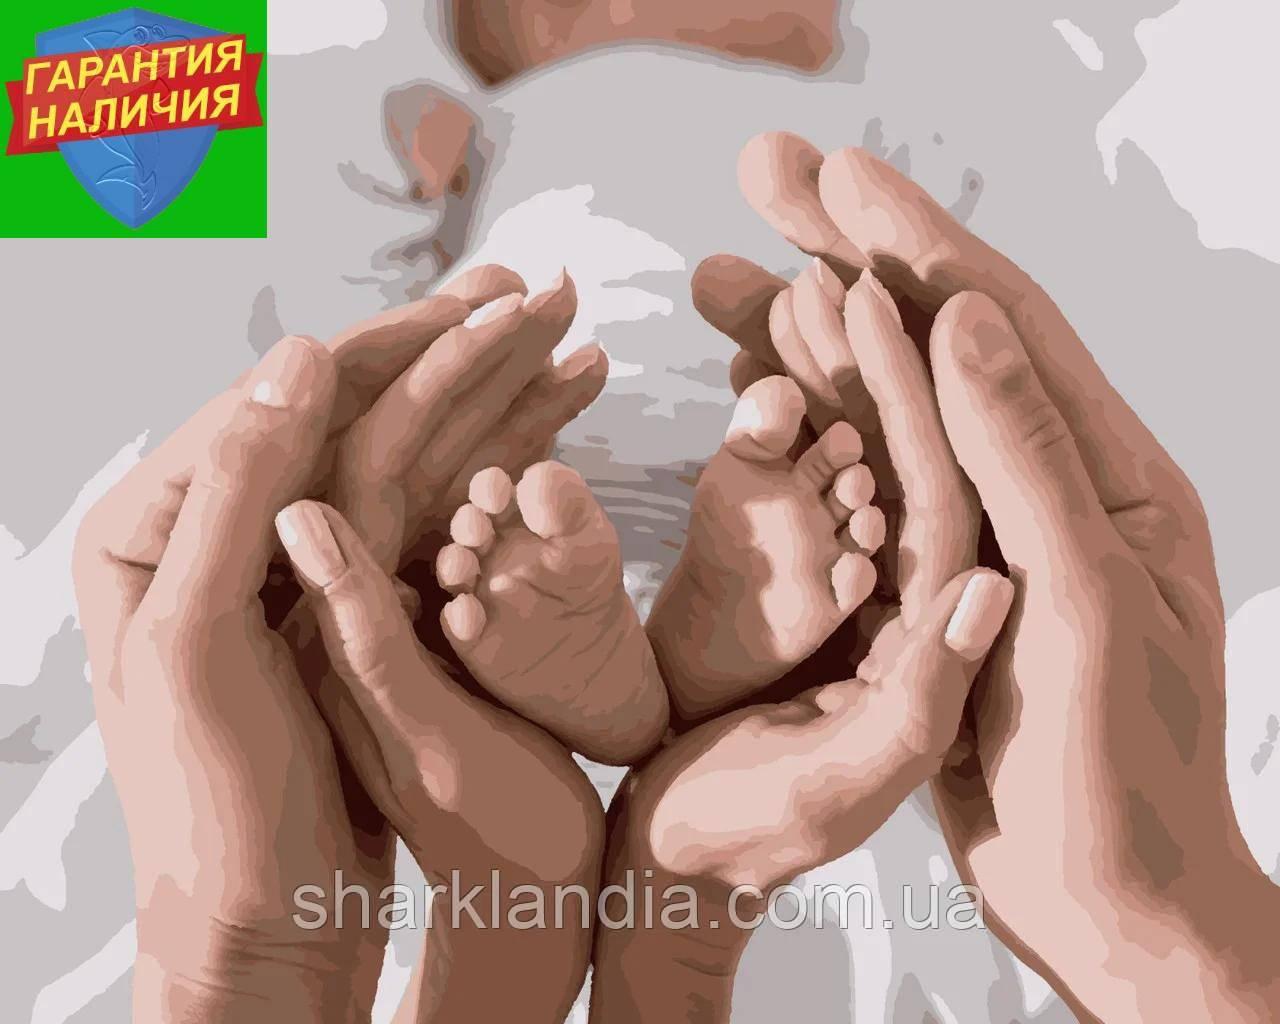 Картина за номерами Маленькі ніжки немовляти в долонях 40*50см Artissimo Розмальовки Сім'я Мама Дитина